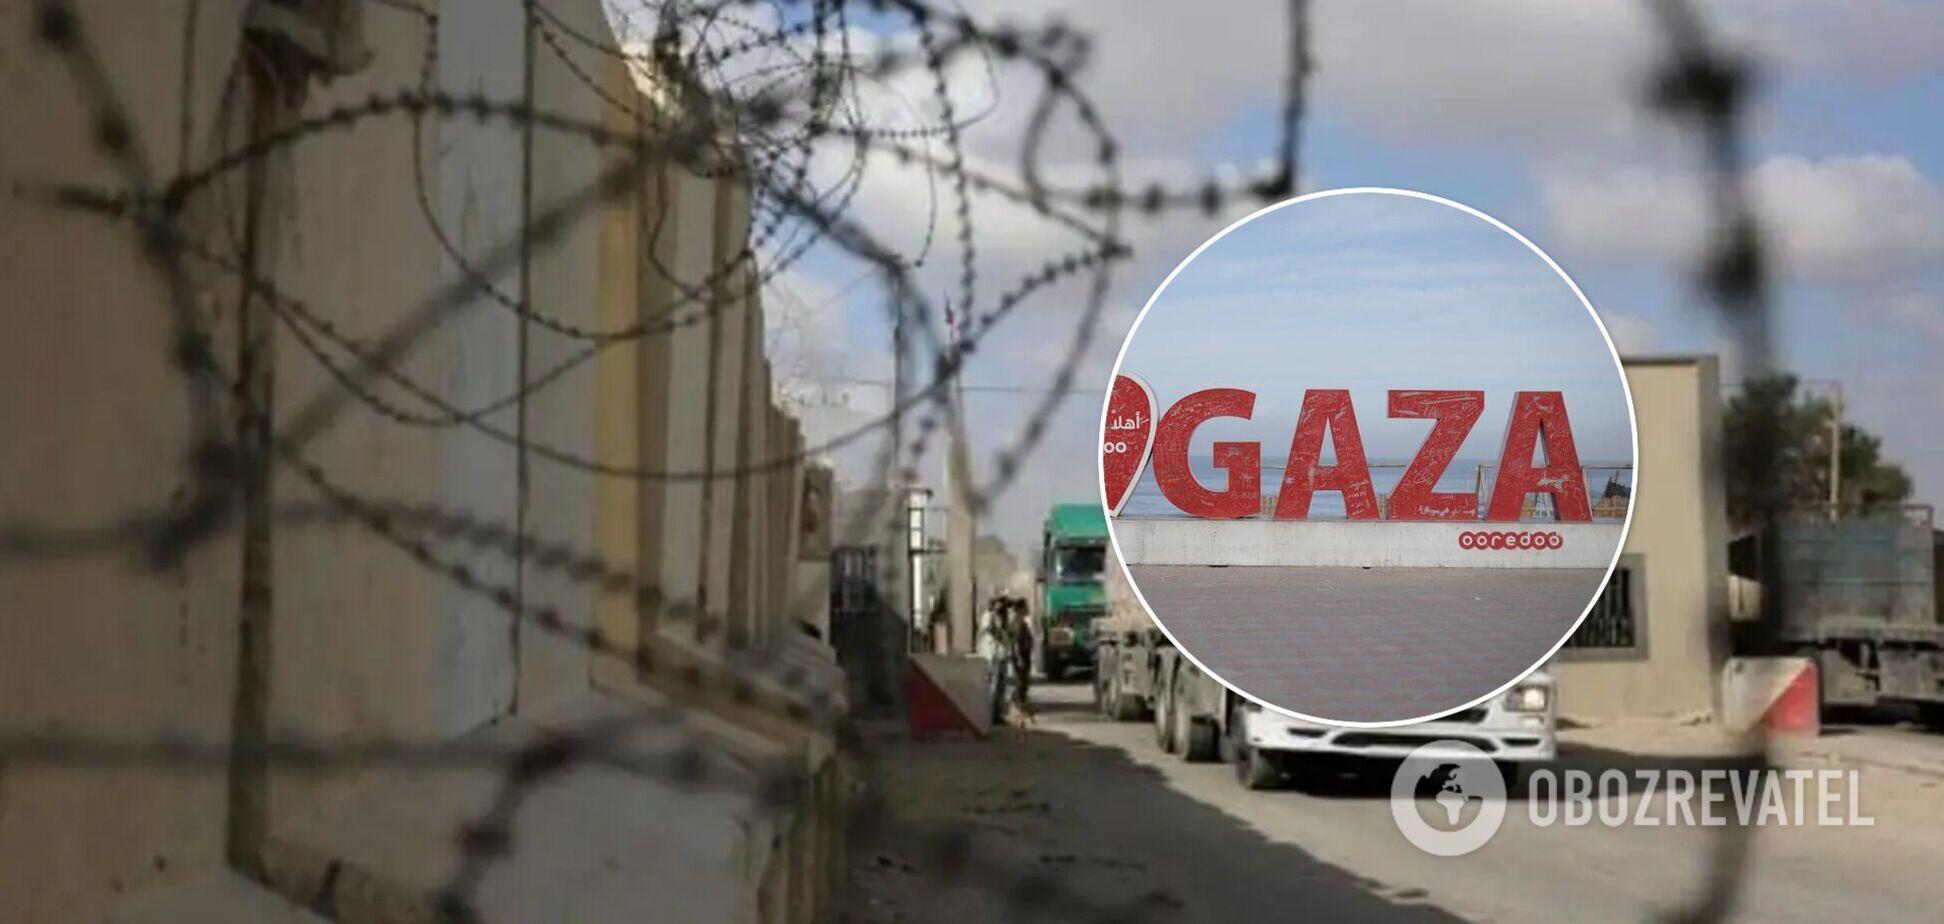 Почти 140 украинцев изъявили желание вернуться из сектора Газа